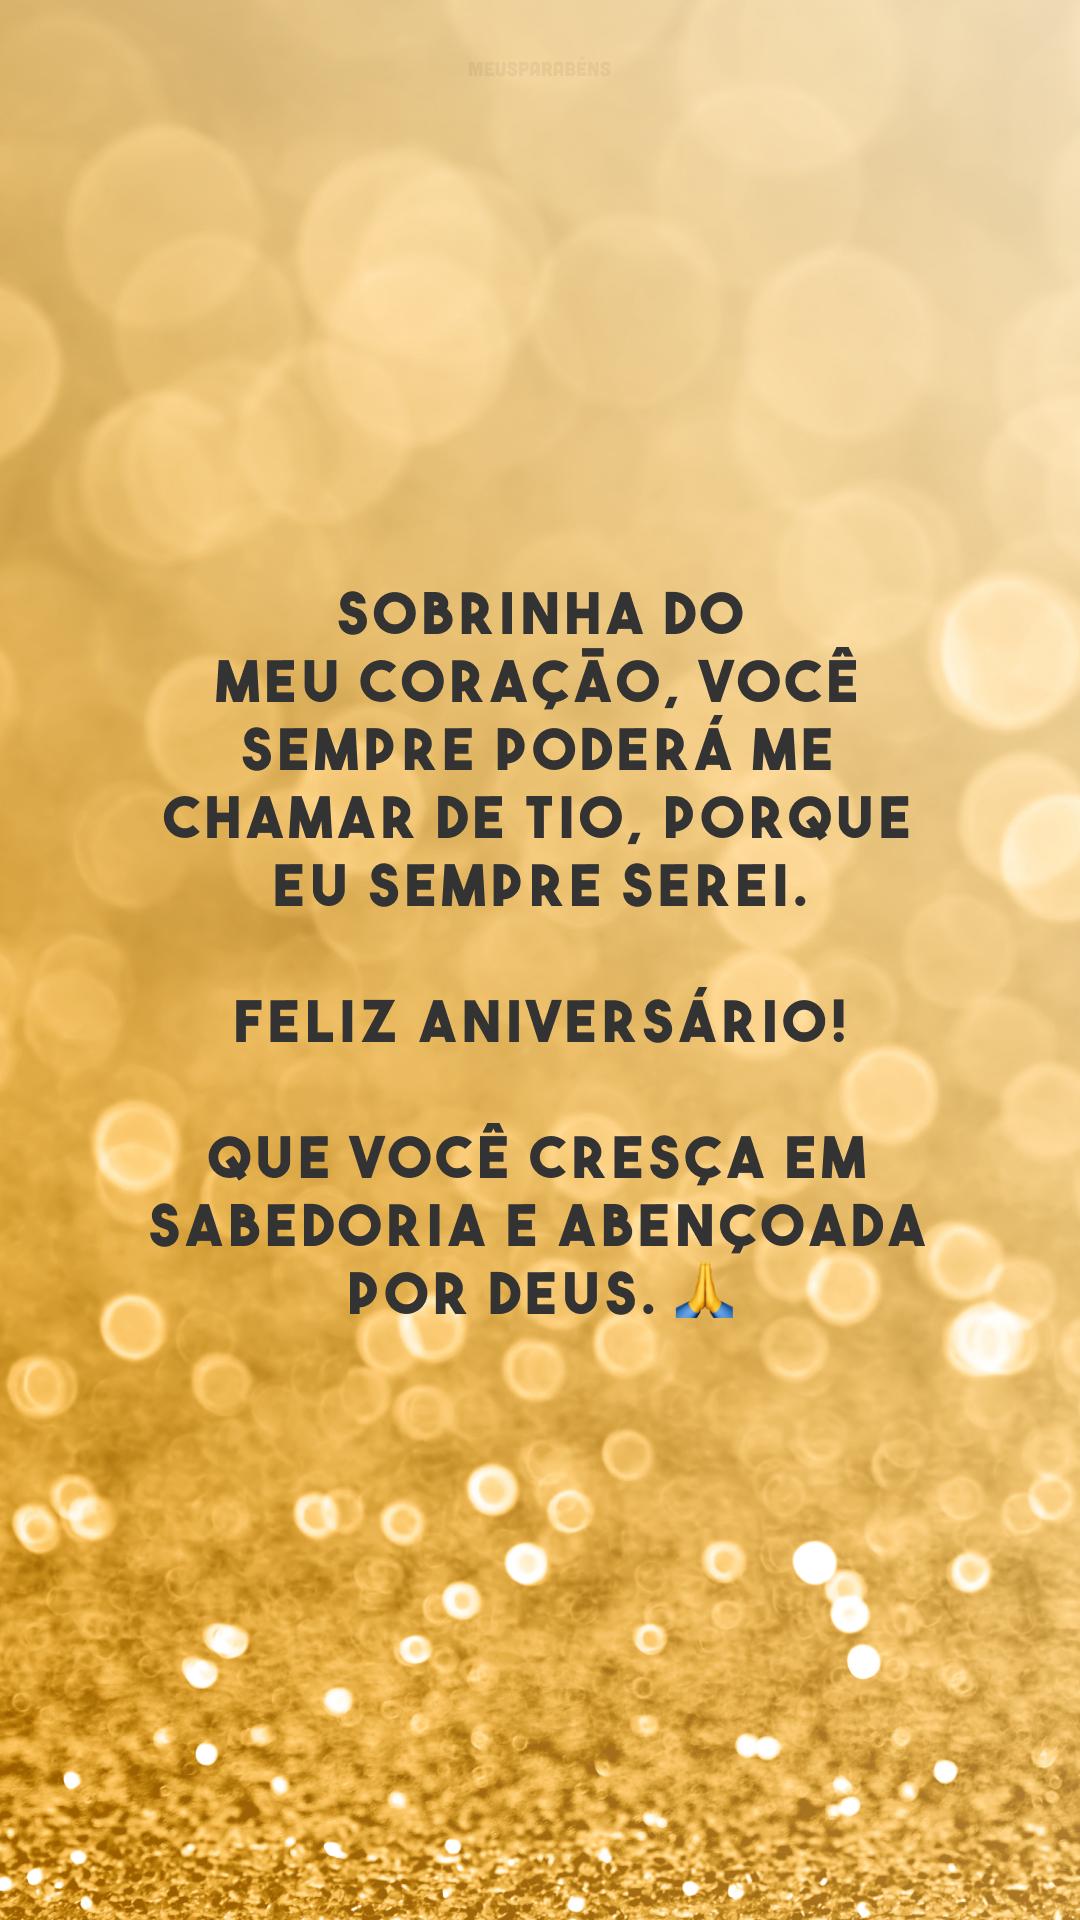 Sobrinha do meu coração, você sempre poderá me chamar de tio, porque eu sempre serei. Feliz aniversário! Que você cresça em sabedoria e abençoada por Deus. 🙏